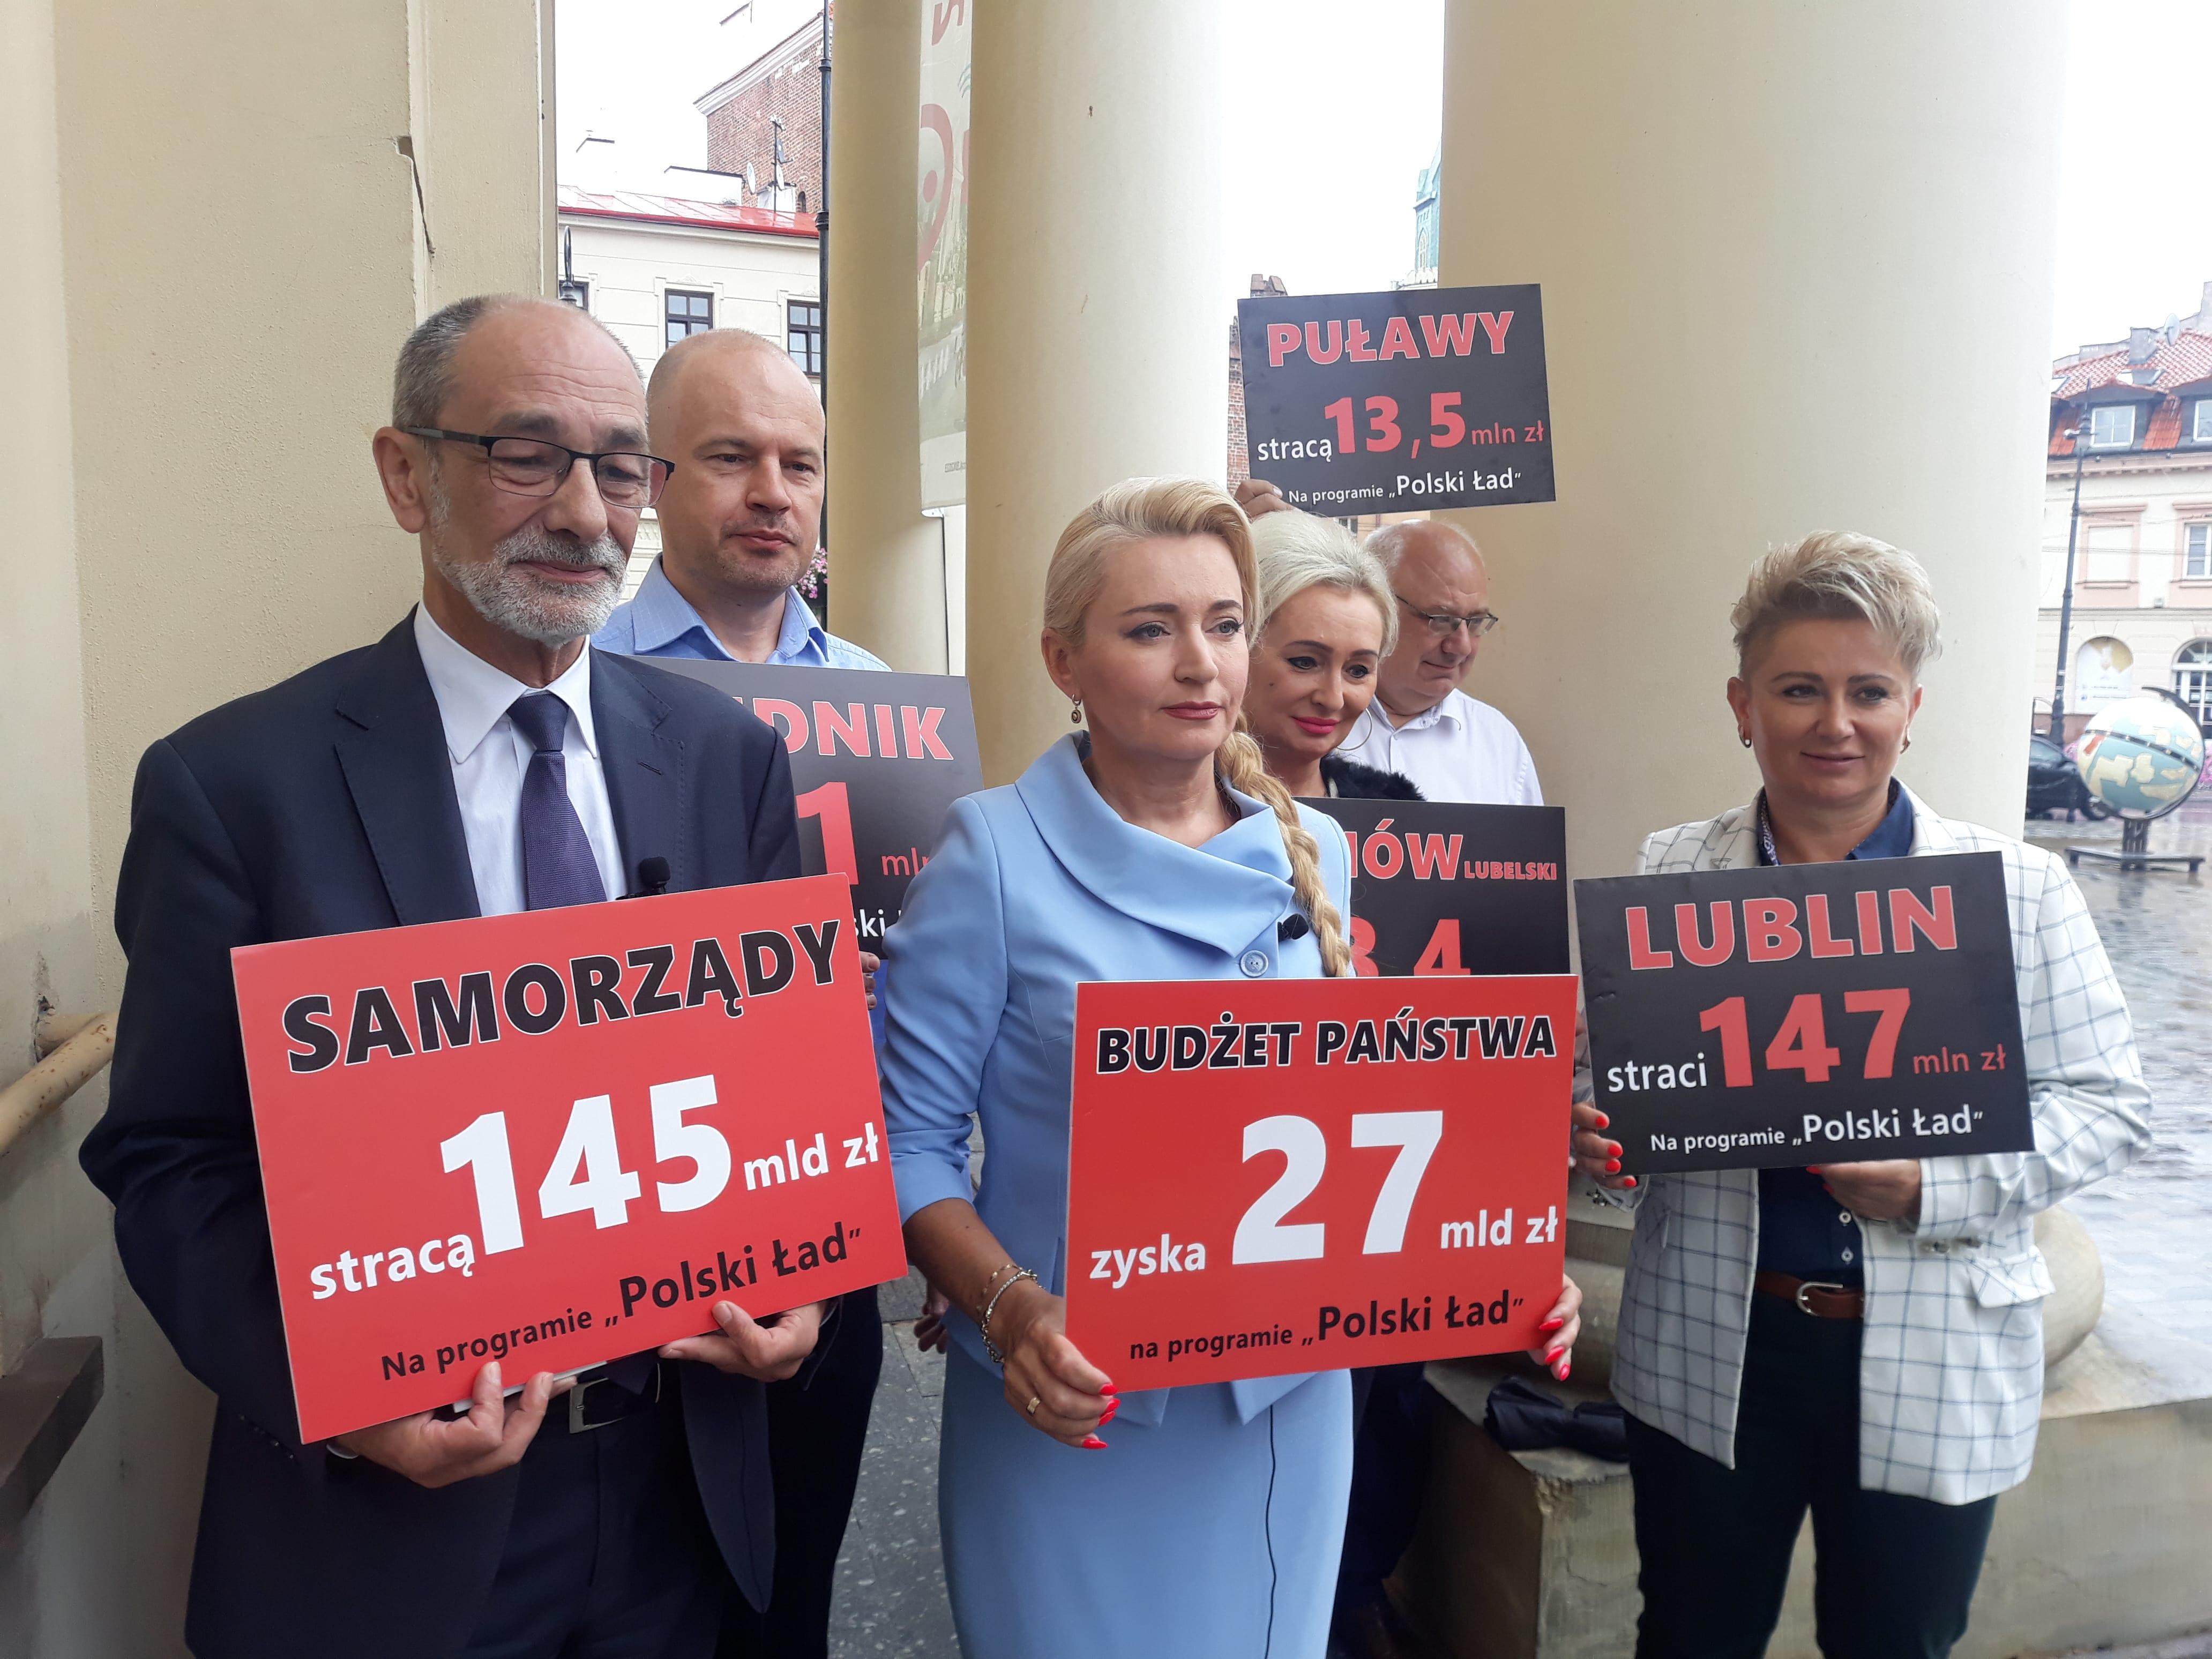 Lublin: System podatkowy Polskiego Ładu do zmiany? Poseł Marta Wcisło: To nie jest Polski Ład, to jest Polski Bezład [WIDEO] - Zdjęcie główne